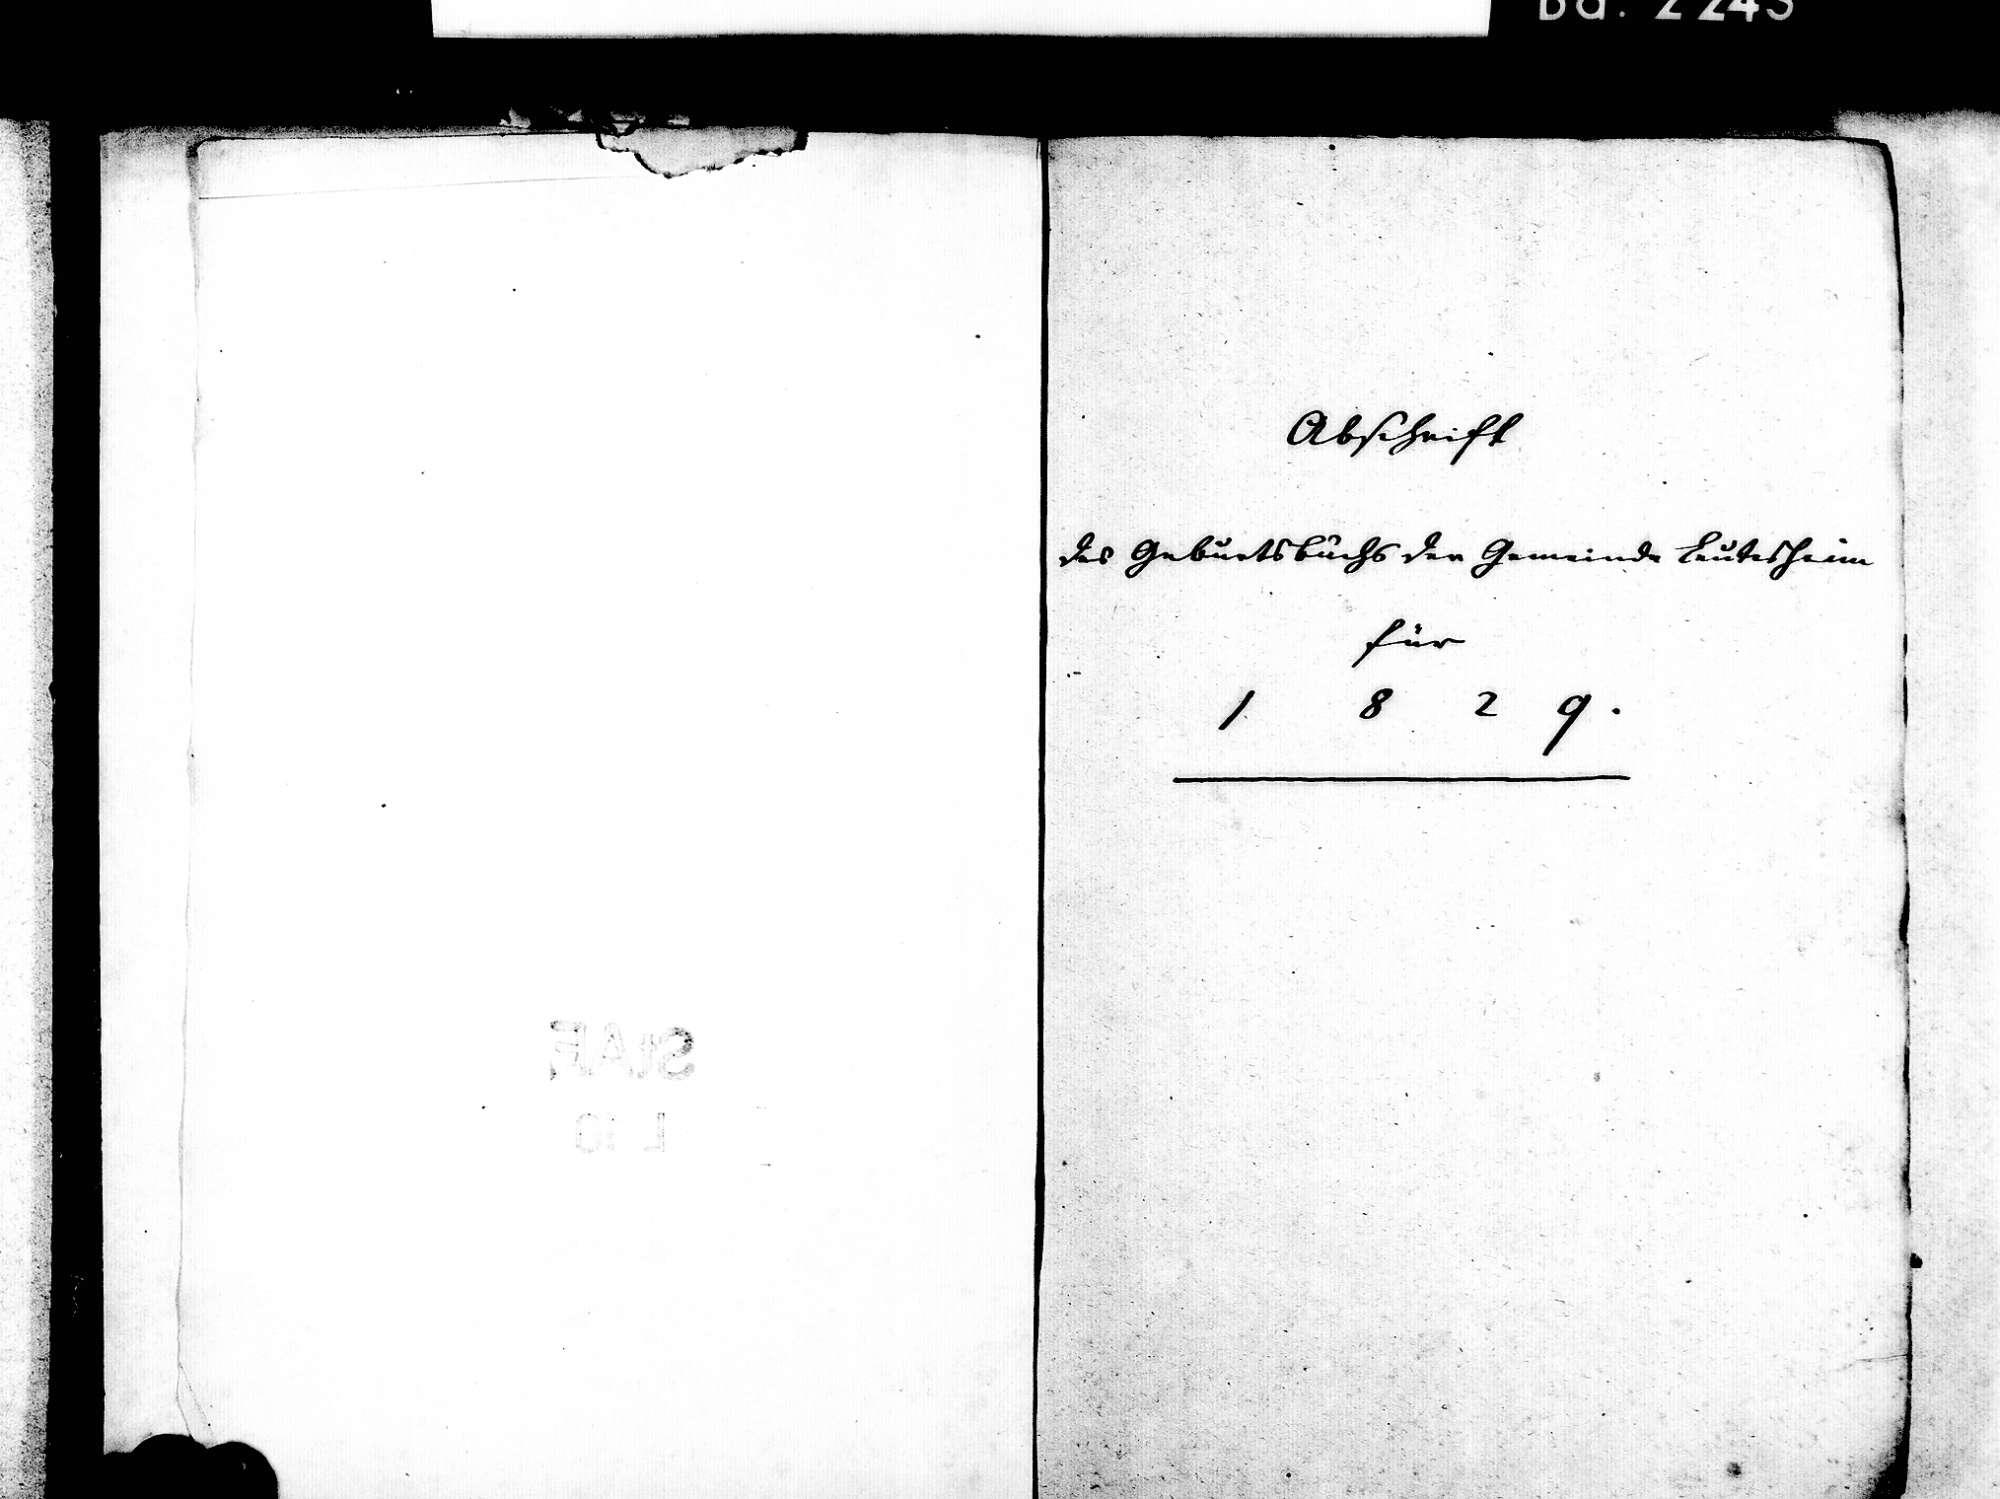 Leutesheim, Kehl OG; Evangelische Gemeinde: Standesbuch 1829-1846, Bild 3